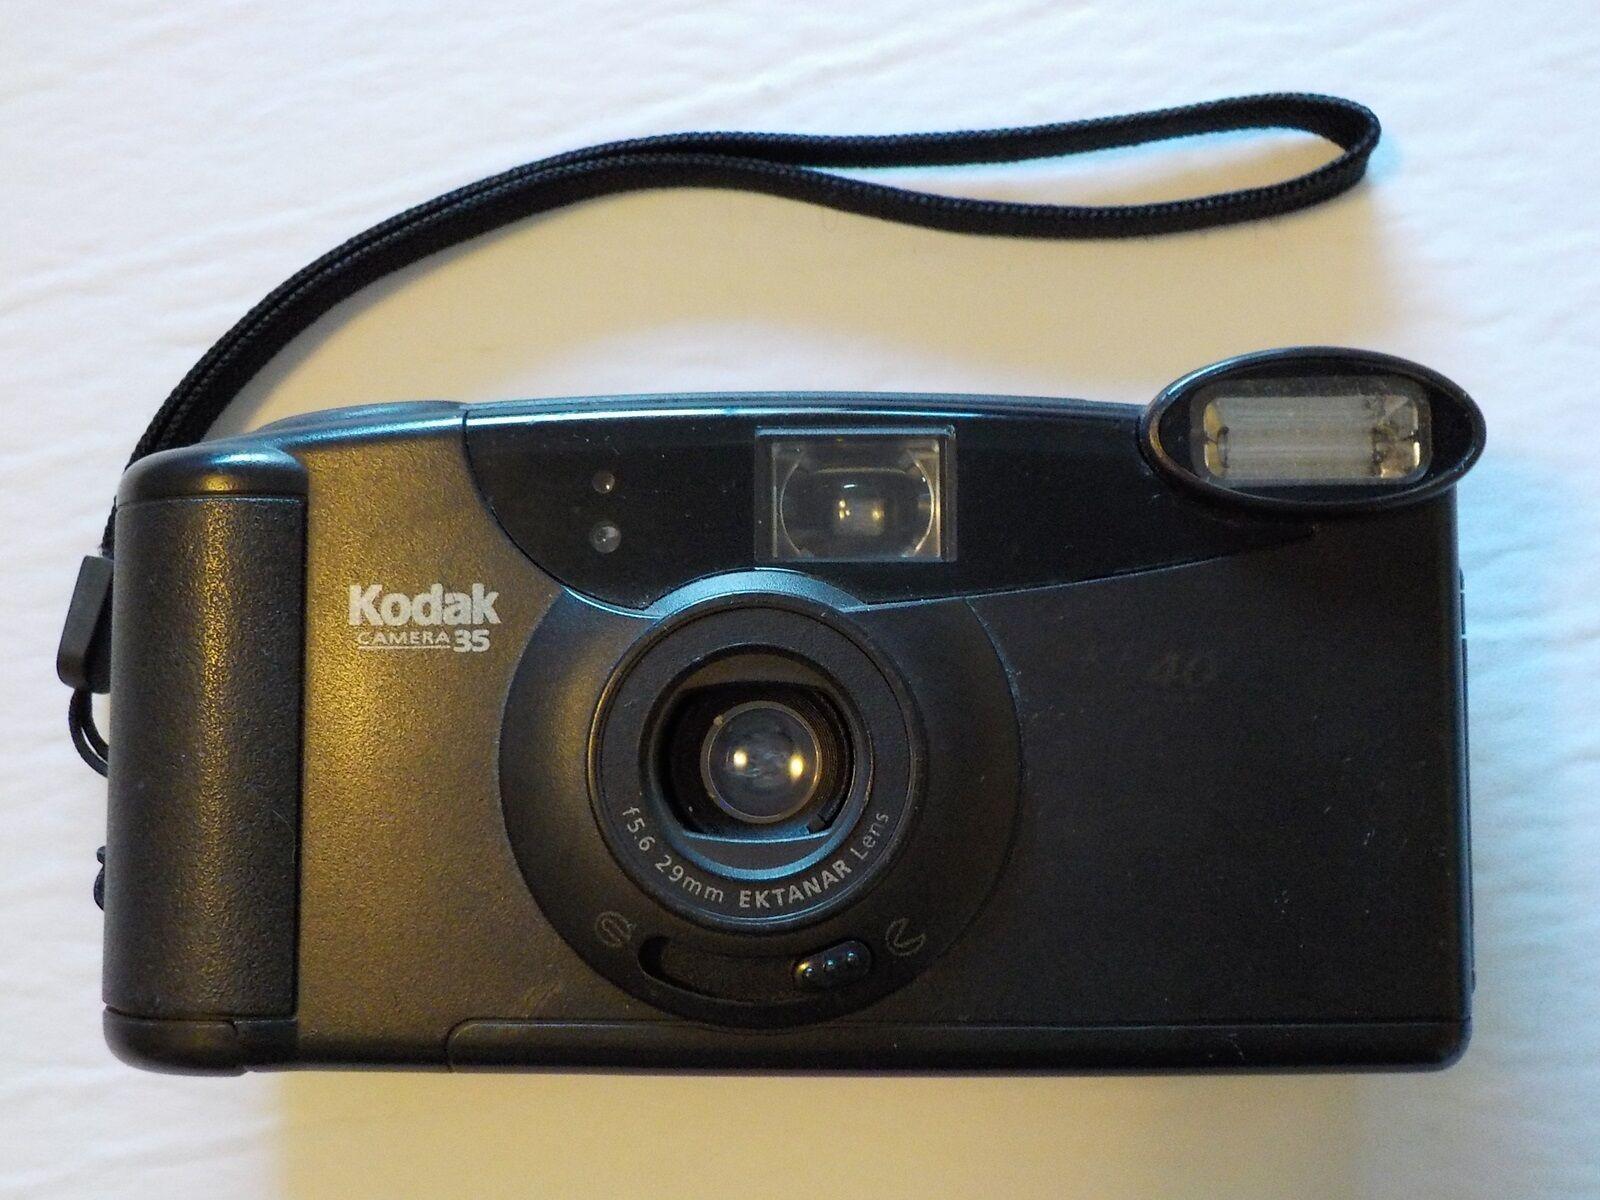 дадим, архив пленочных фотоаппаратов кодак для мужчин